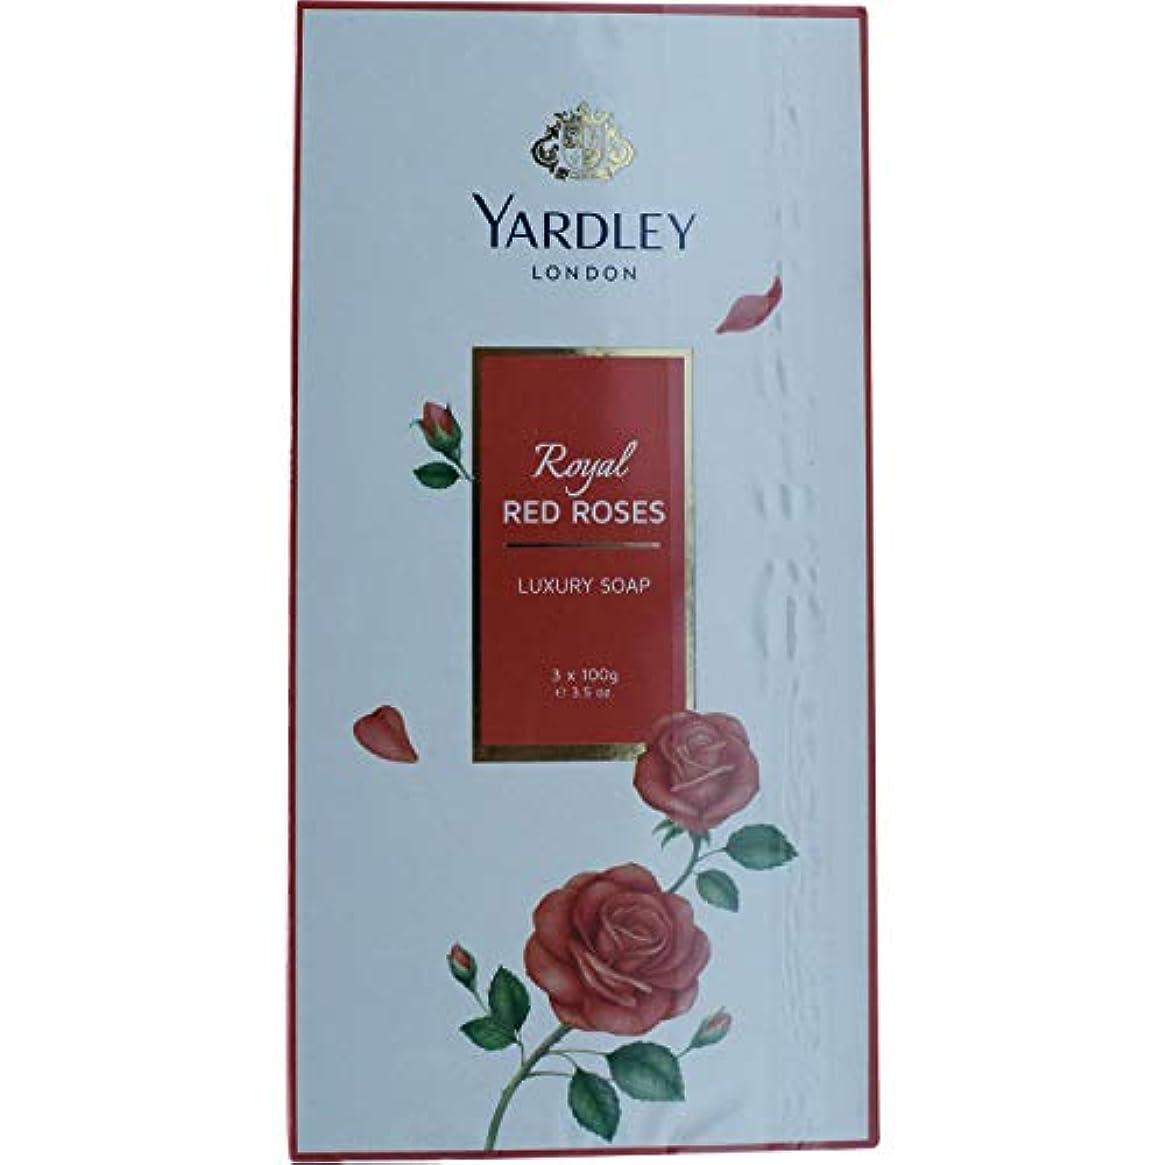 に賛成船酔いフォーマルYardley 1ロンドン赤バラ、3 x net wt。100 g e 3.5oz